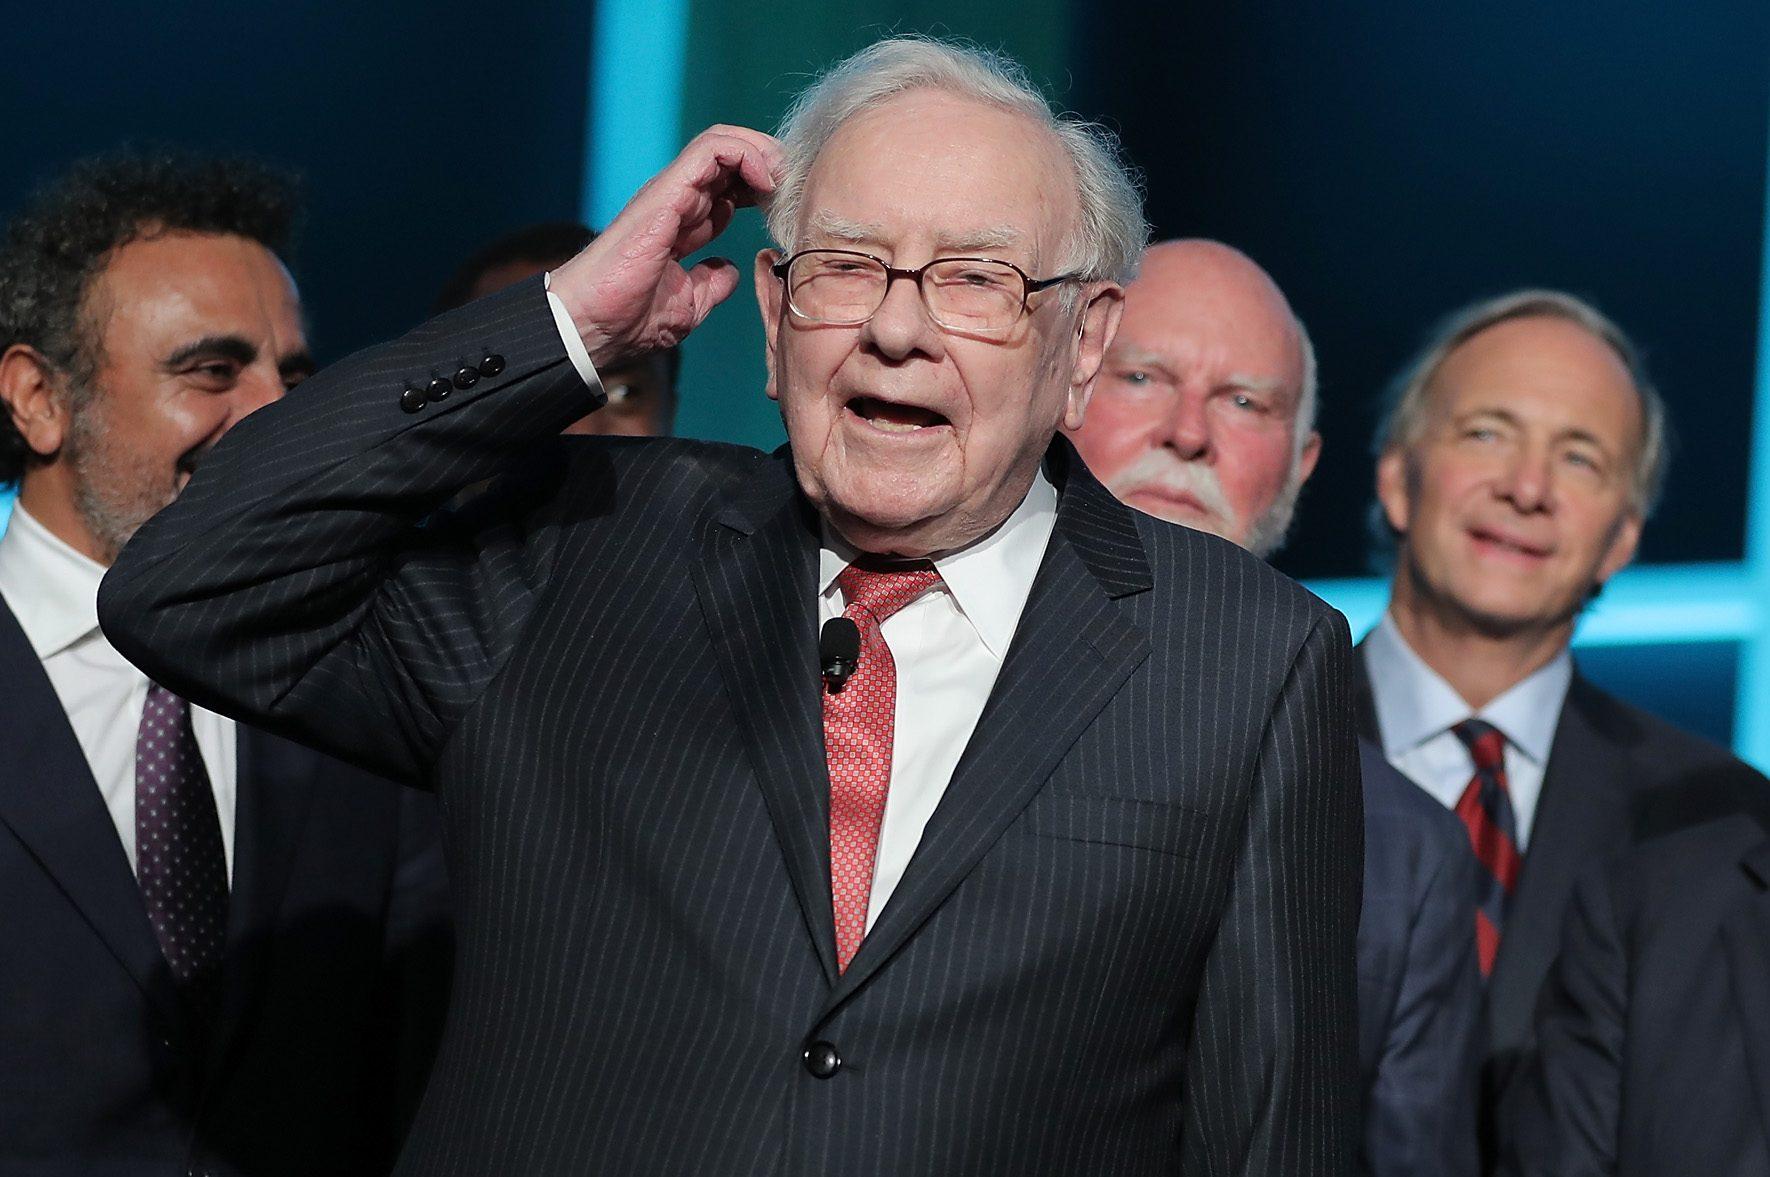 Warren Buffett Finally Ditches His $30 Flip Phone For an iPhone